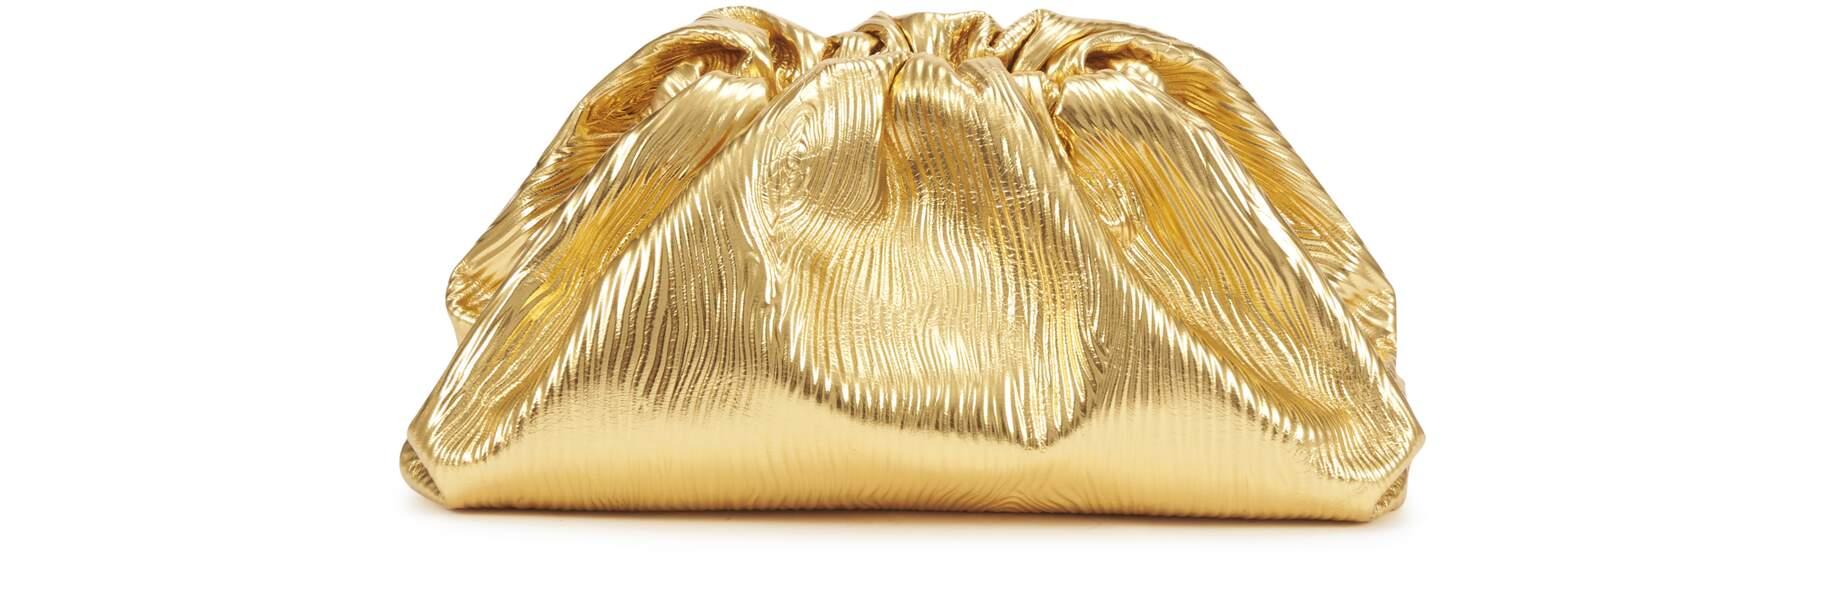 Pouch lamé, Bottega Venetta, prix sur demande, 24S.com